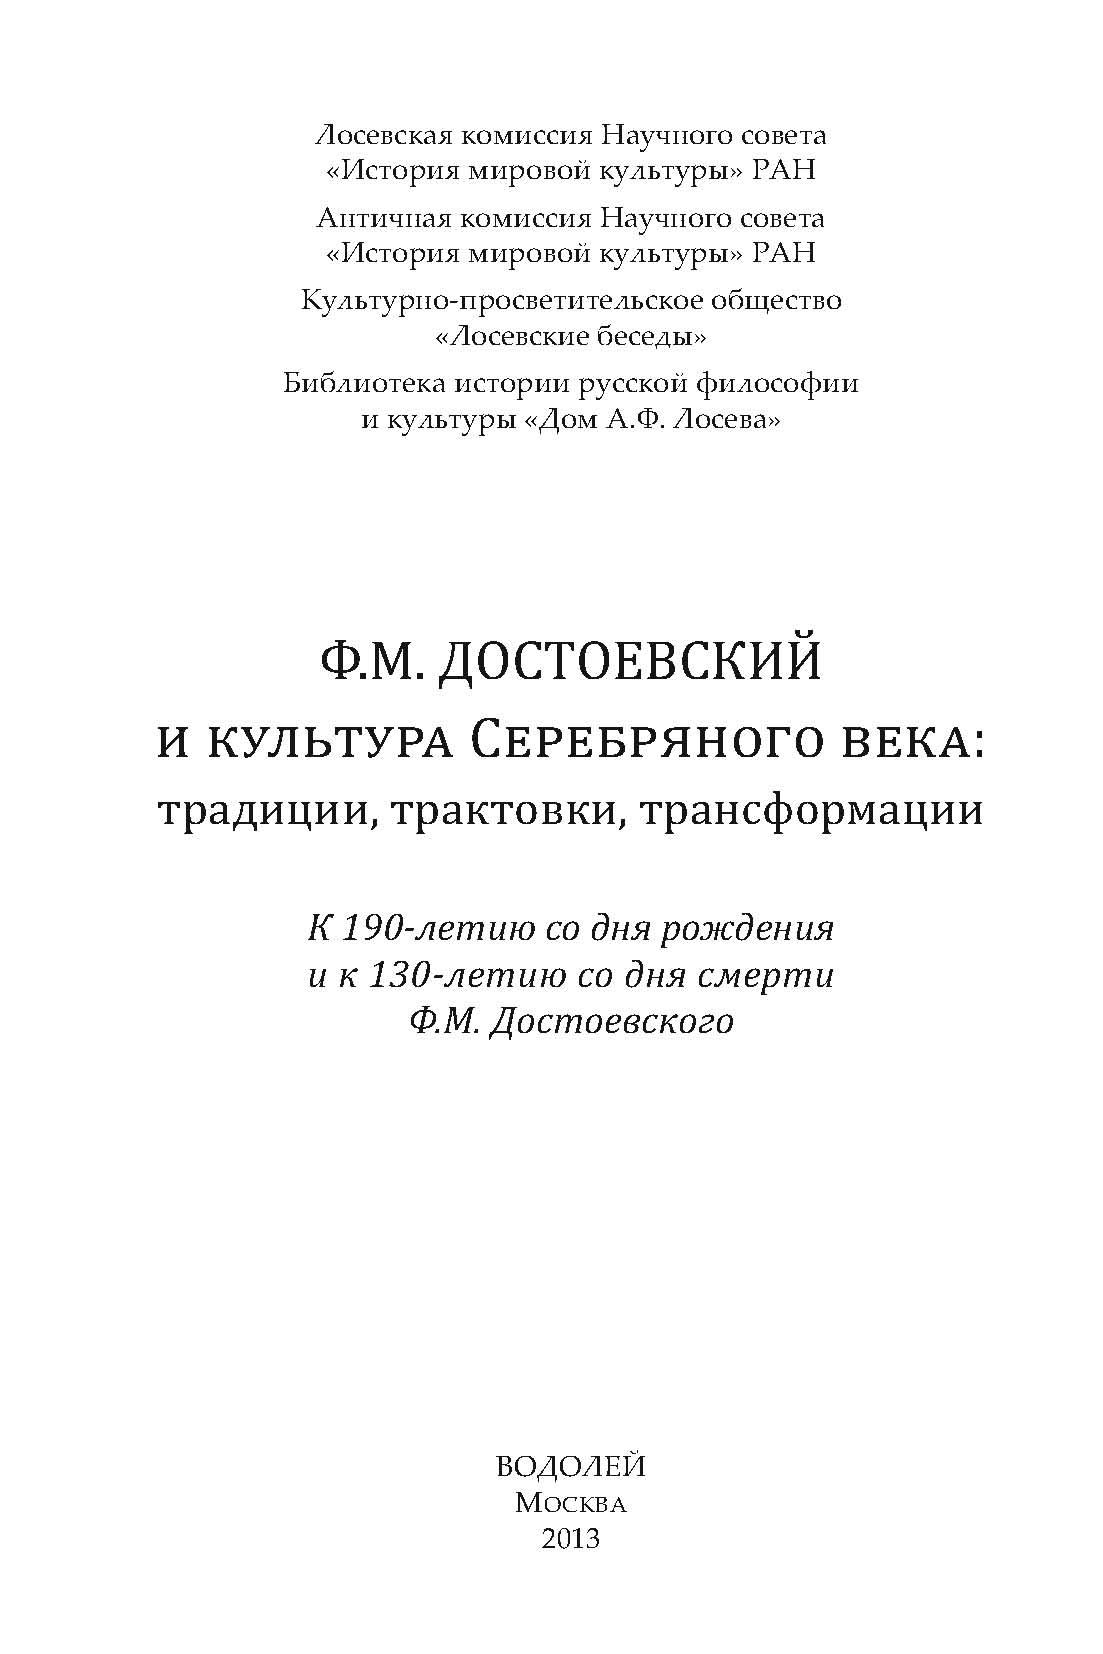 Демонология Вяч. Иванова в книге «Достоевский»